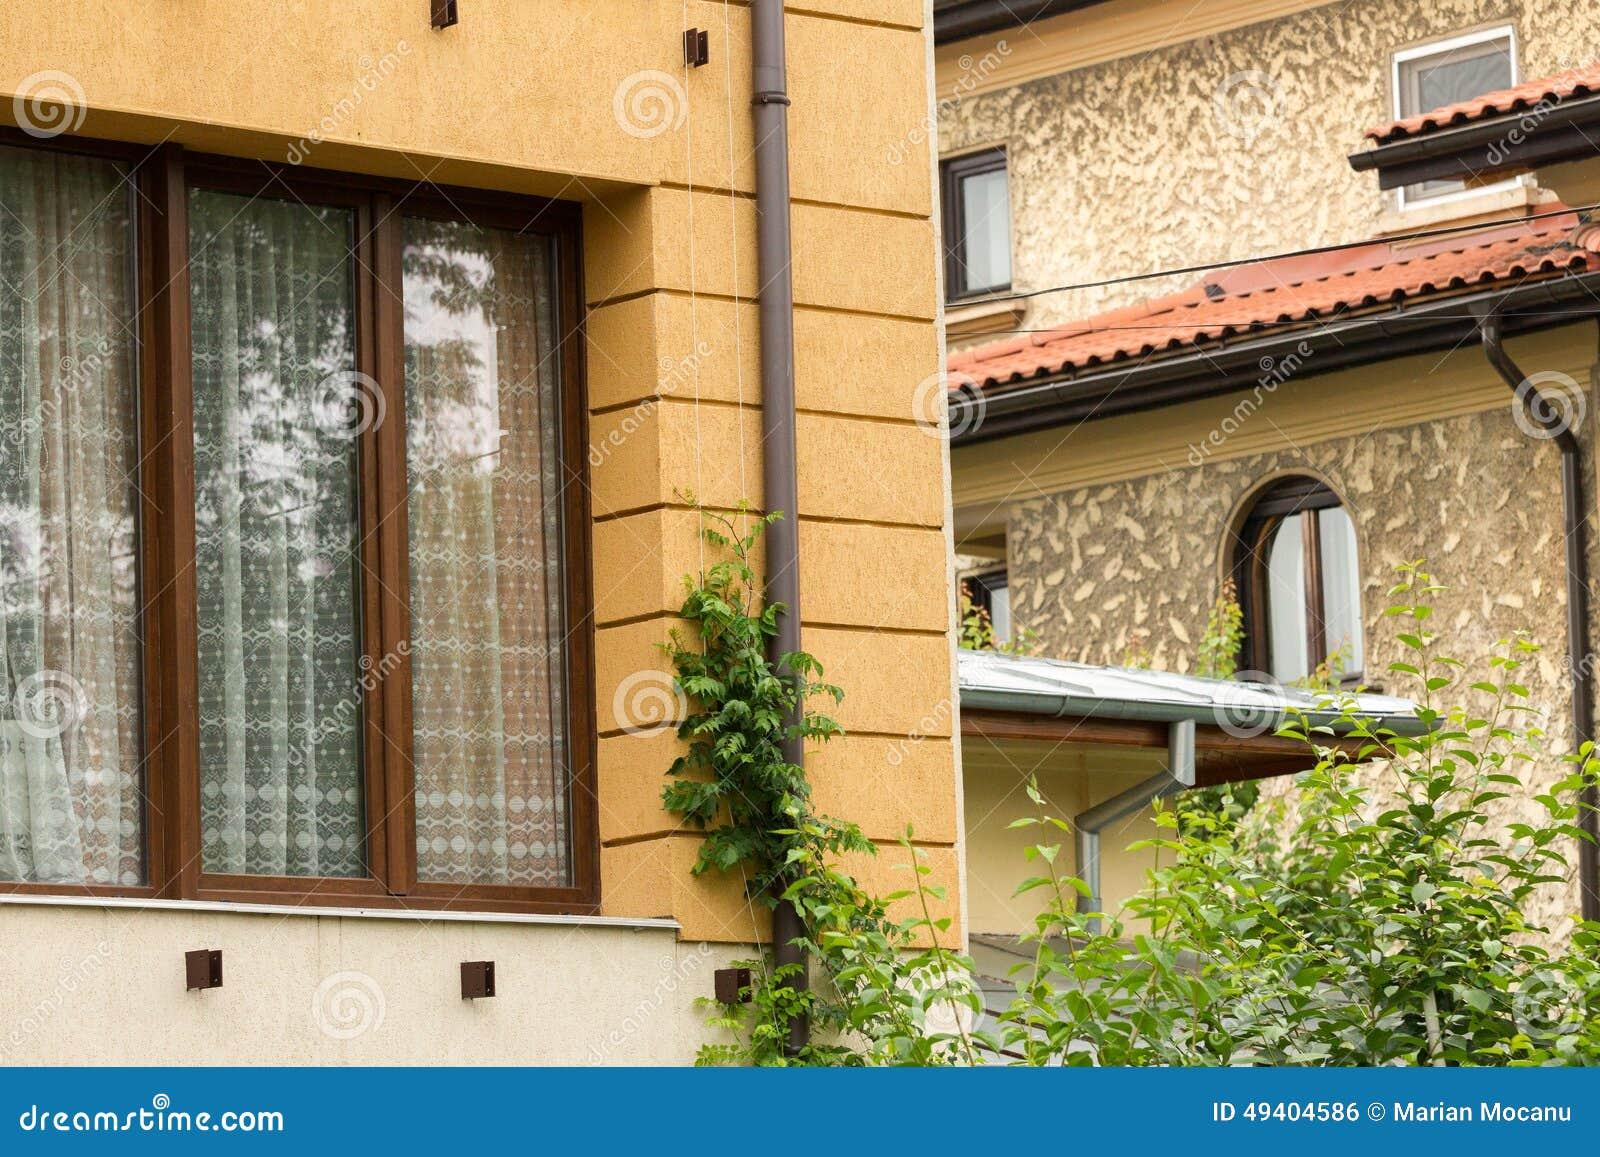 Download Ein Altes Haus Nahe Bei Einem Modernen Gebäude Stockfoto - Bild von aufbau, kunst: 49404586